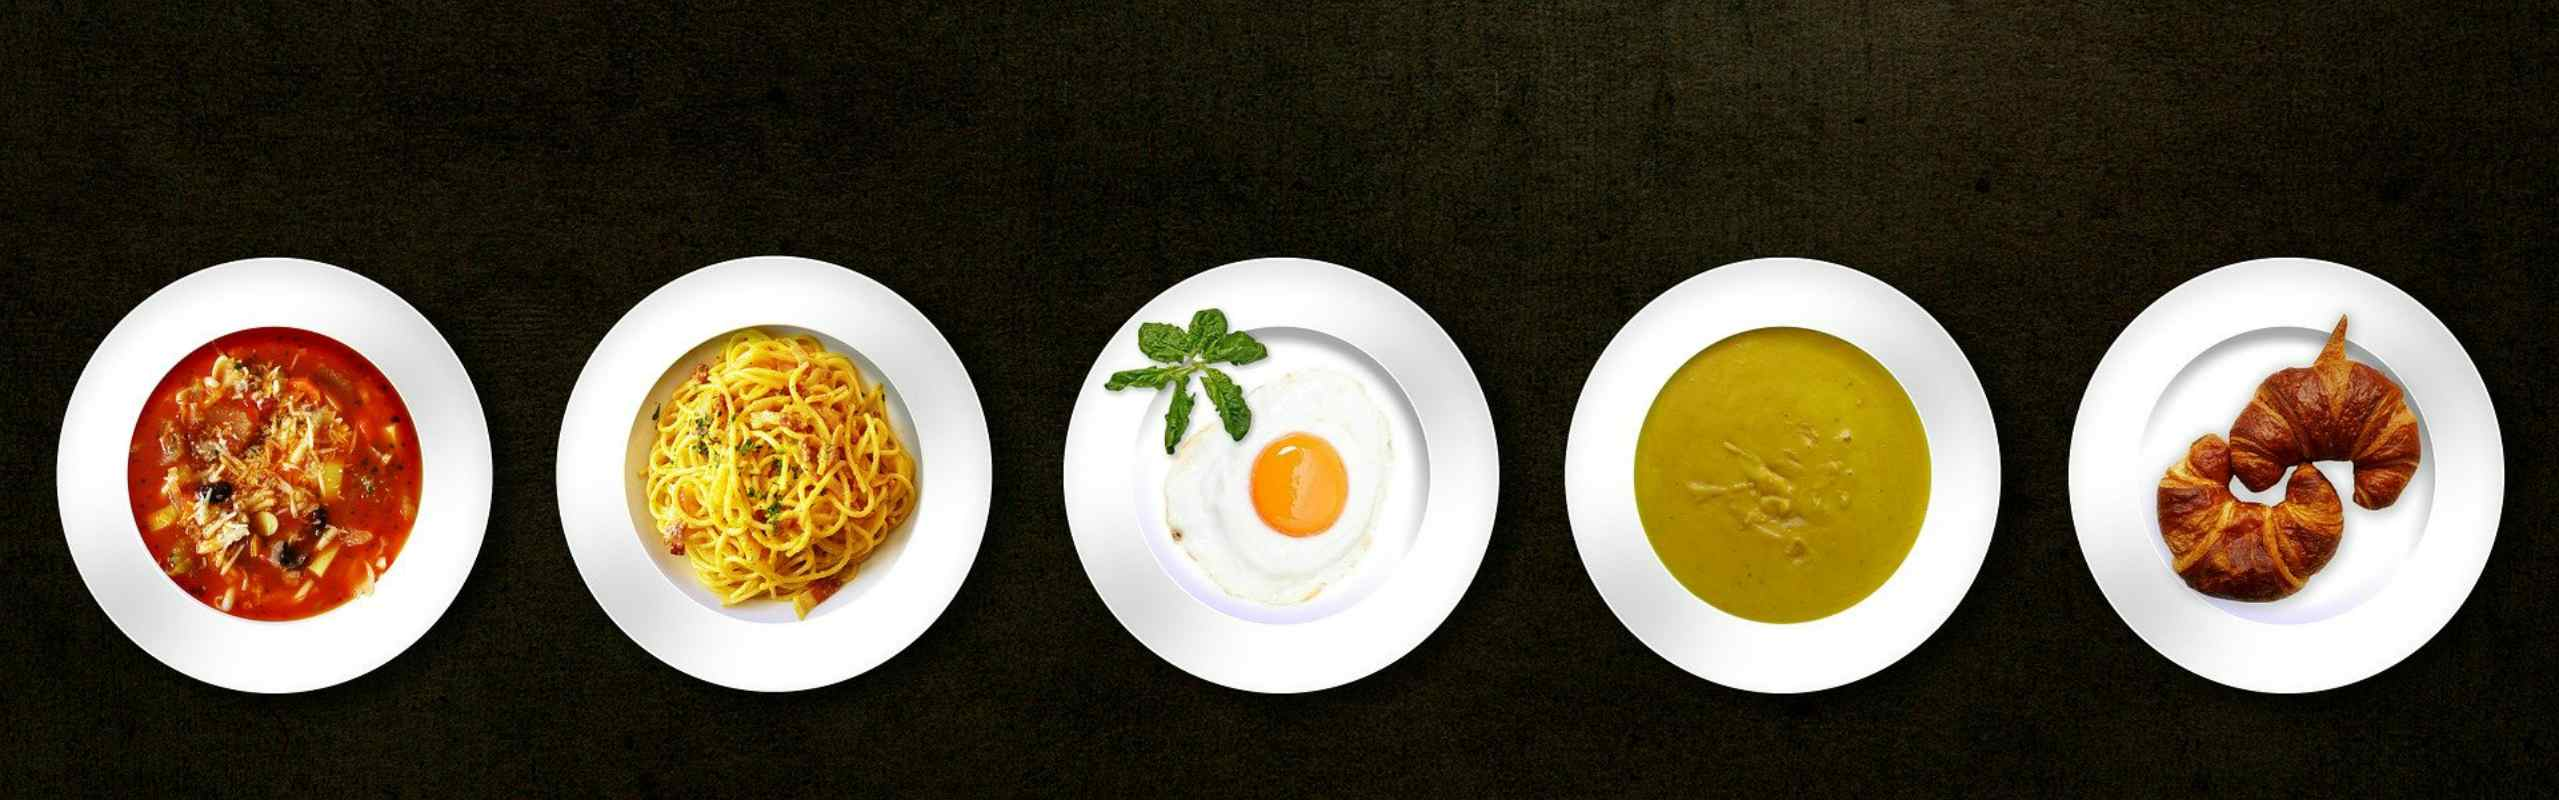 cómo hacer bien el emplatado gastronómico